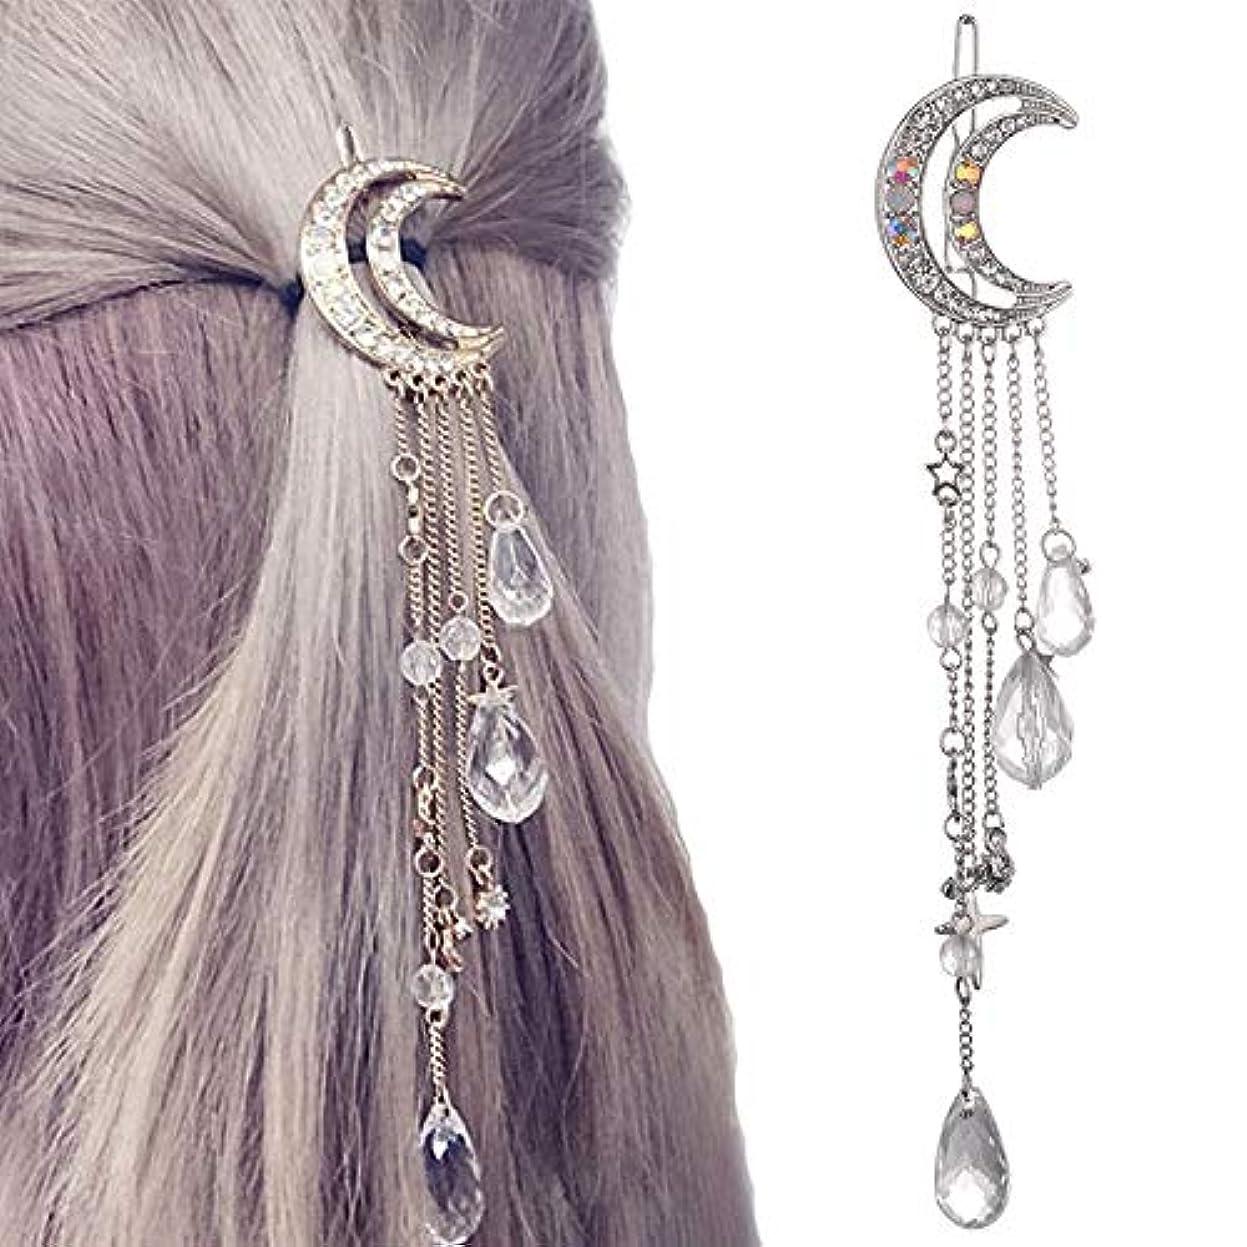 シャットブランドプラットフォームHairpinheair YHMファッションエレガントな女性レディムーンラインストーンクリスタルタッセルロングチェーンビーズブラブラヘアピンヘアクリップヘアジュエリー(ゴールド) (色 : Silver)